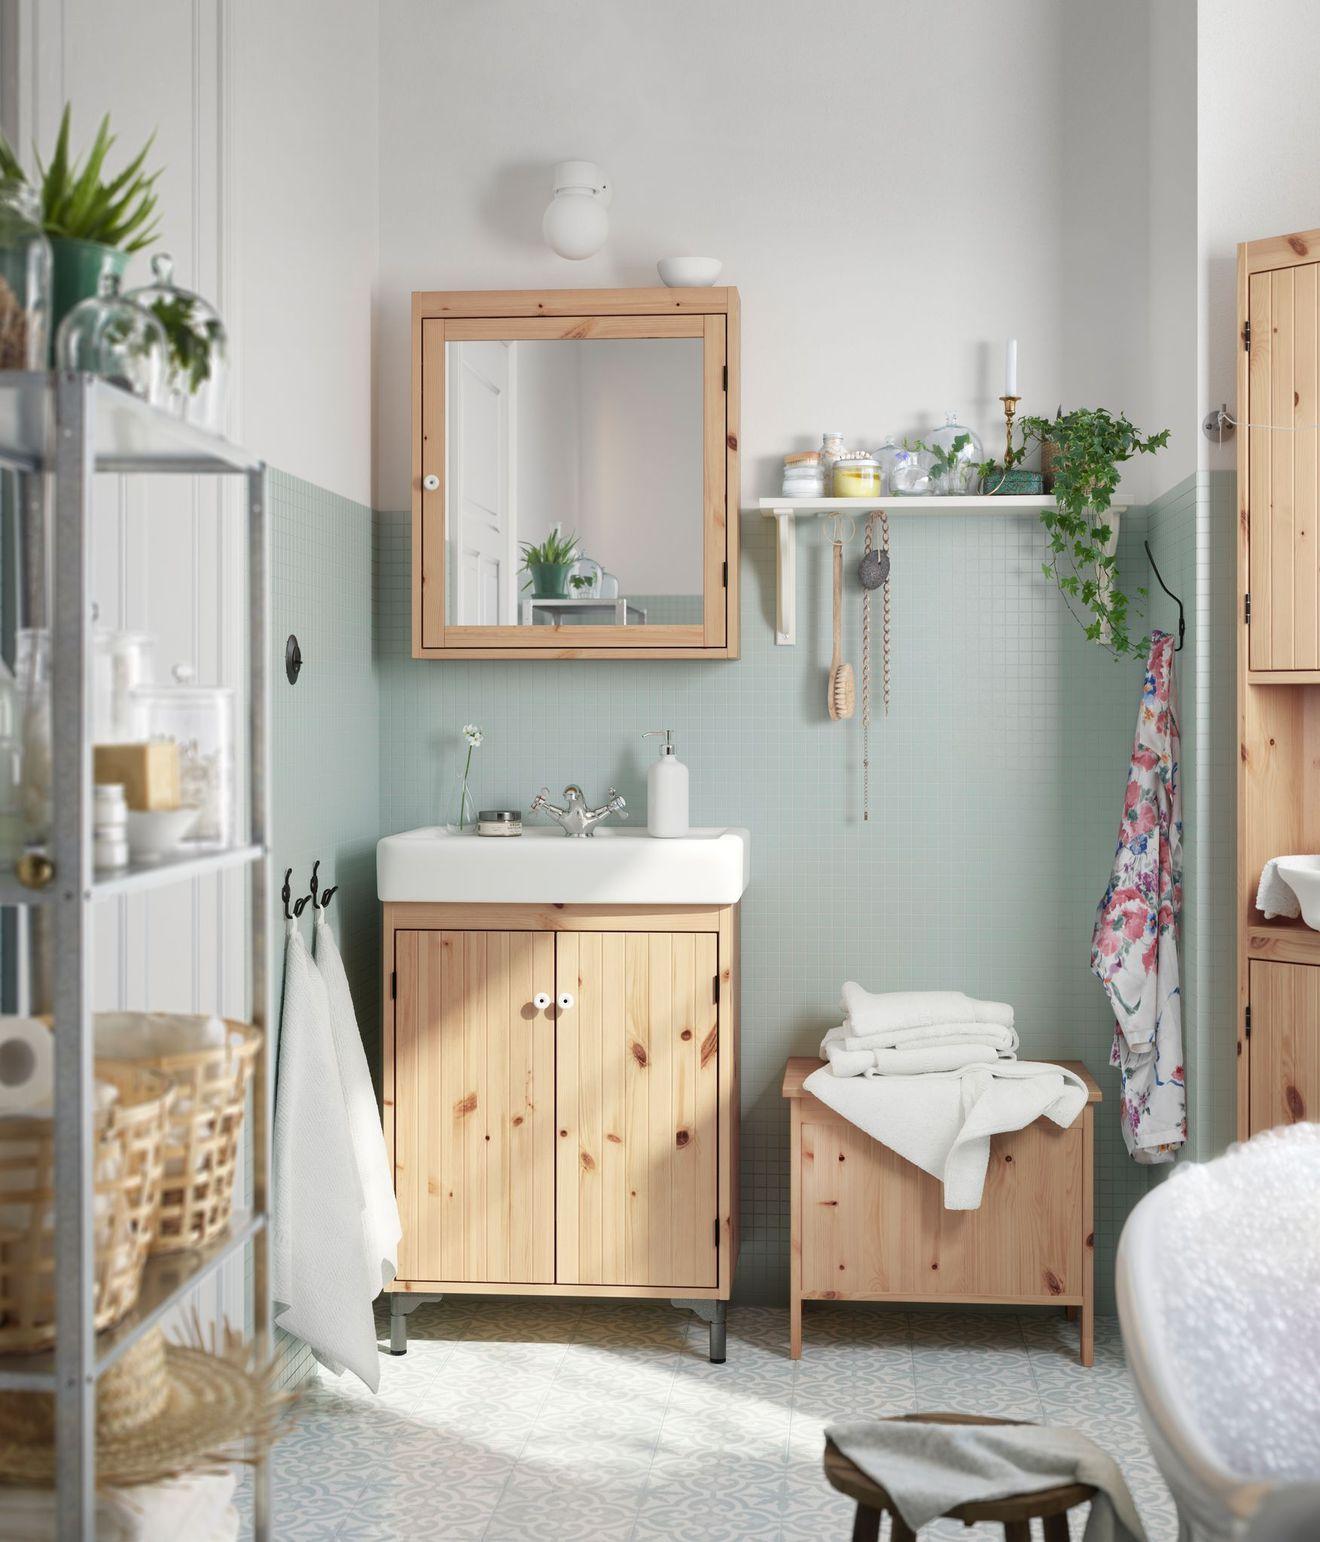 r sultat de recherche d 39 images pour quelle est le vert. Black Bedroom Furniture Sets. Home Design Ideas